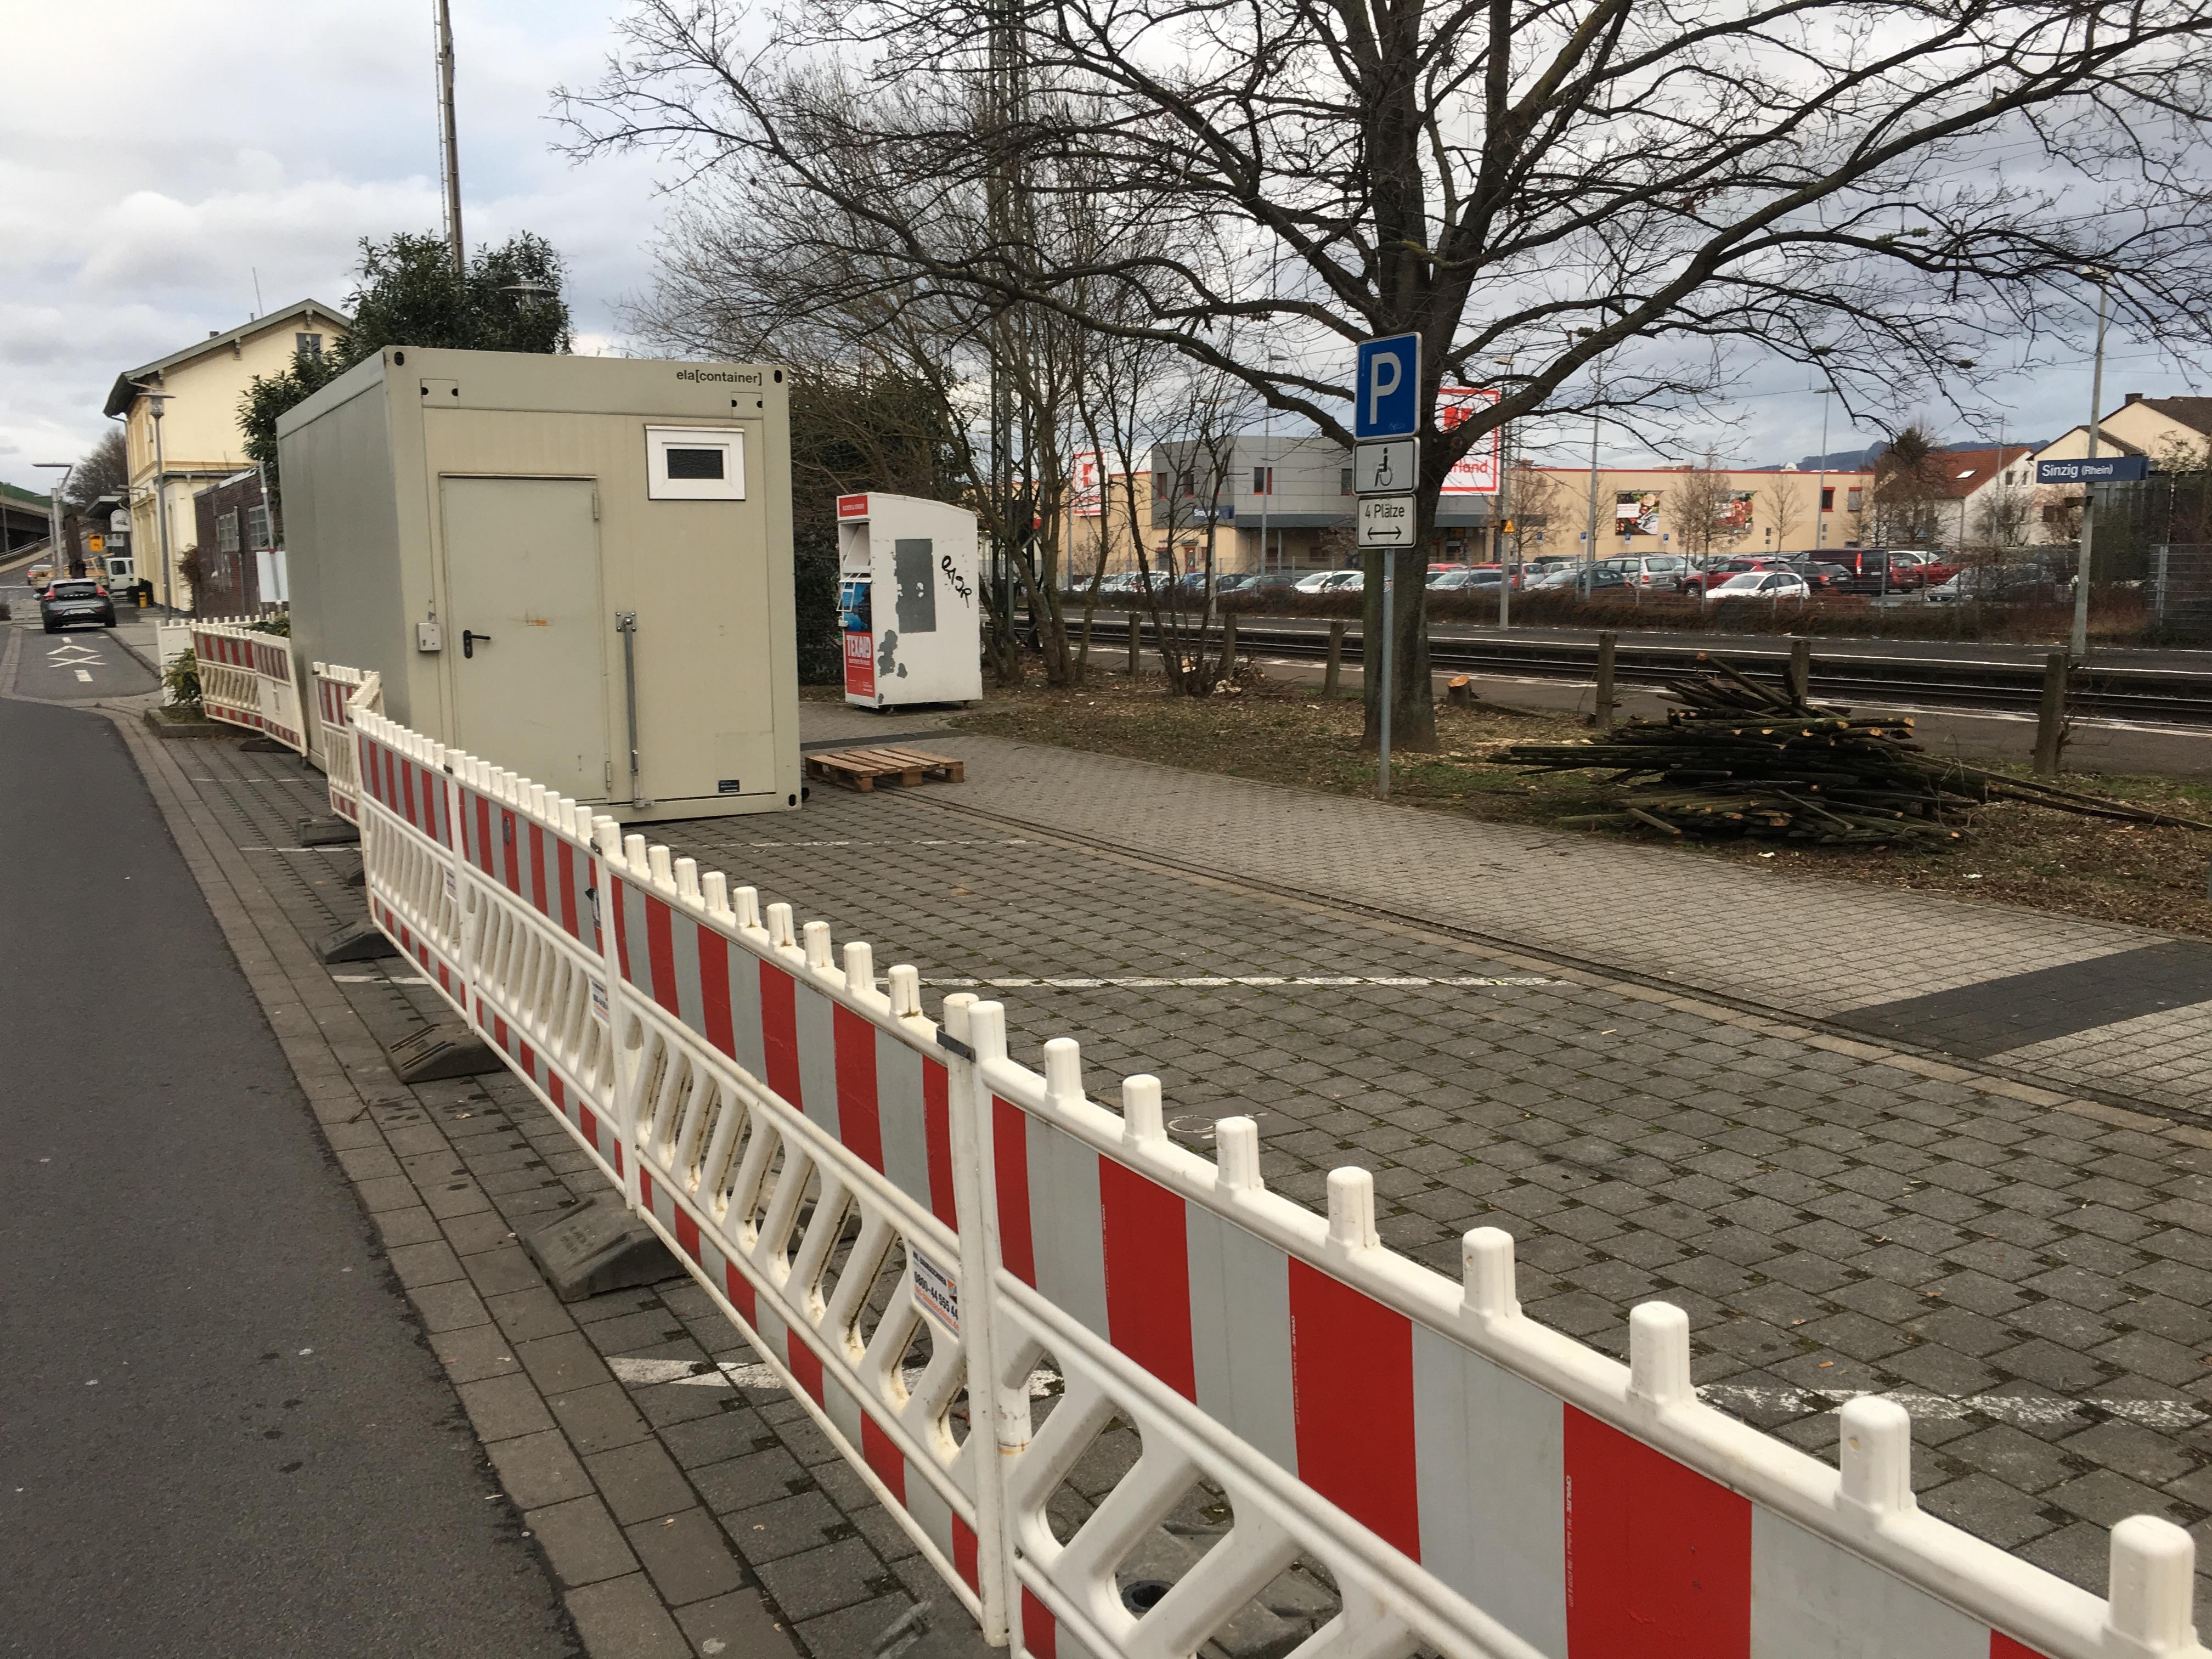 Aufgrund der Modernierung am Bahnhof sind derzeit Verkehrsbeeinträchtigungen erforderlich